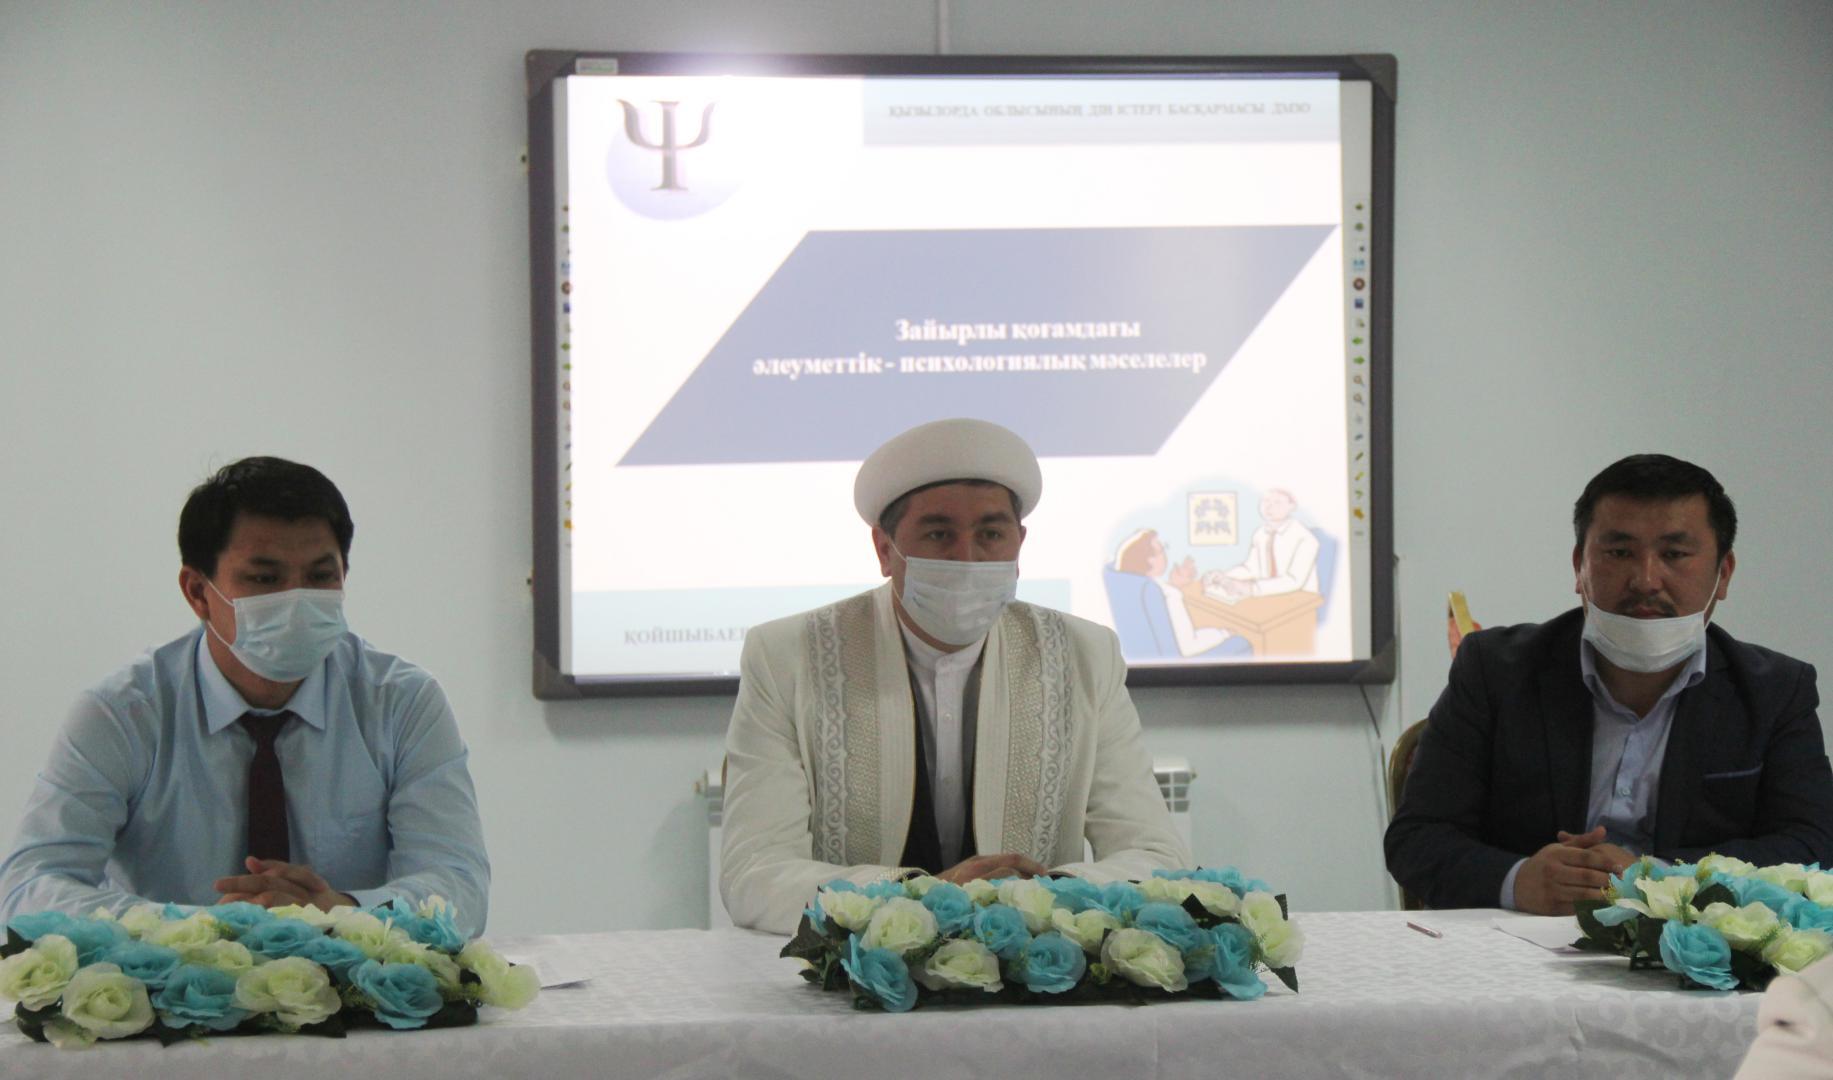 Қызылорда: Имамдар семинарға қатысты